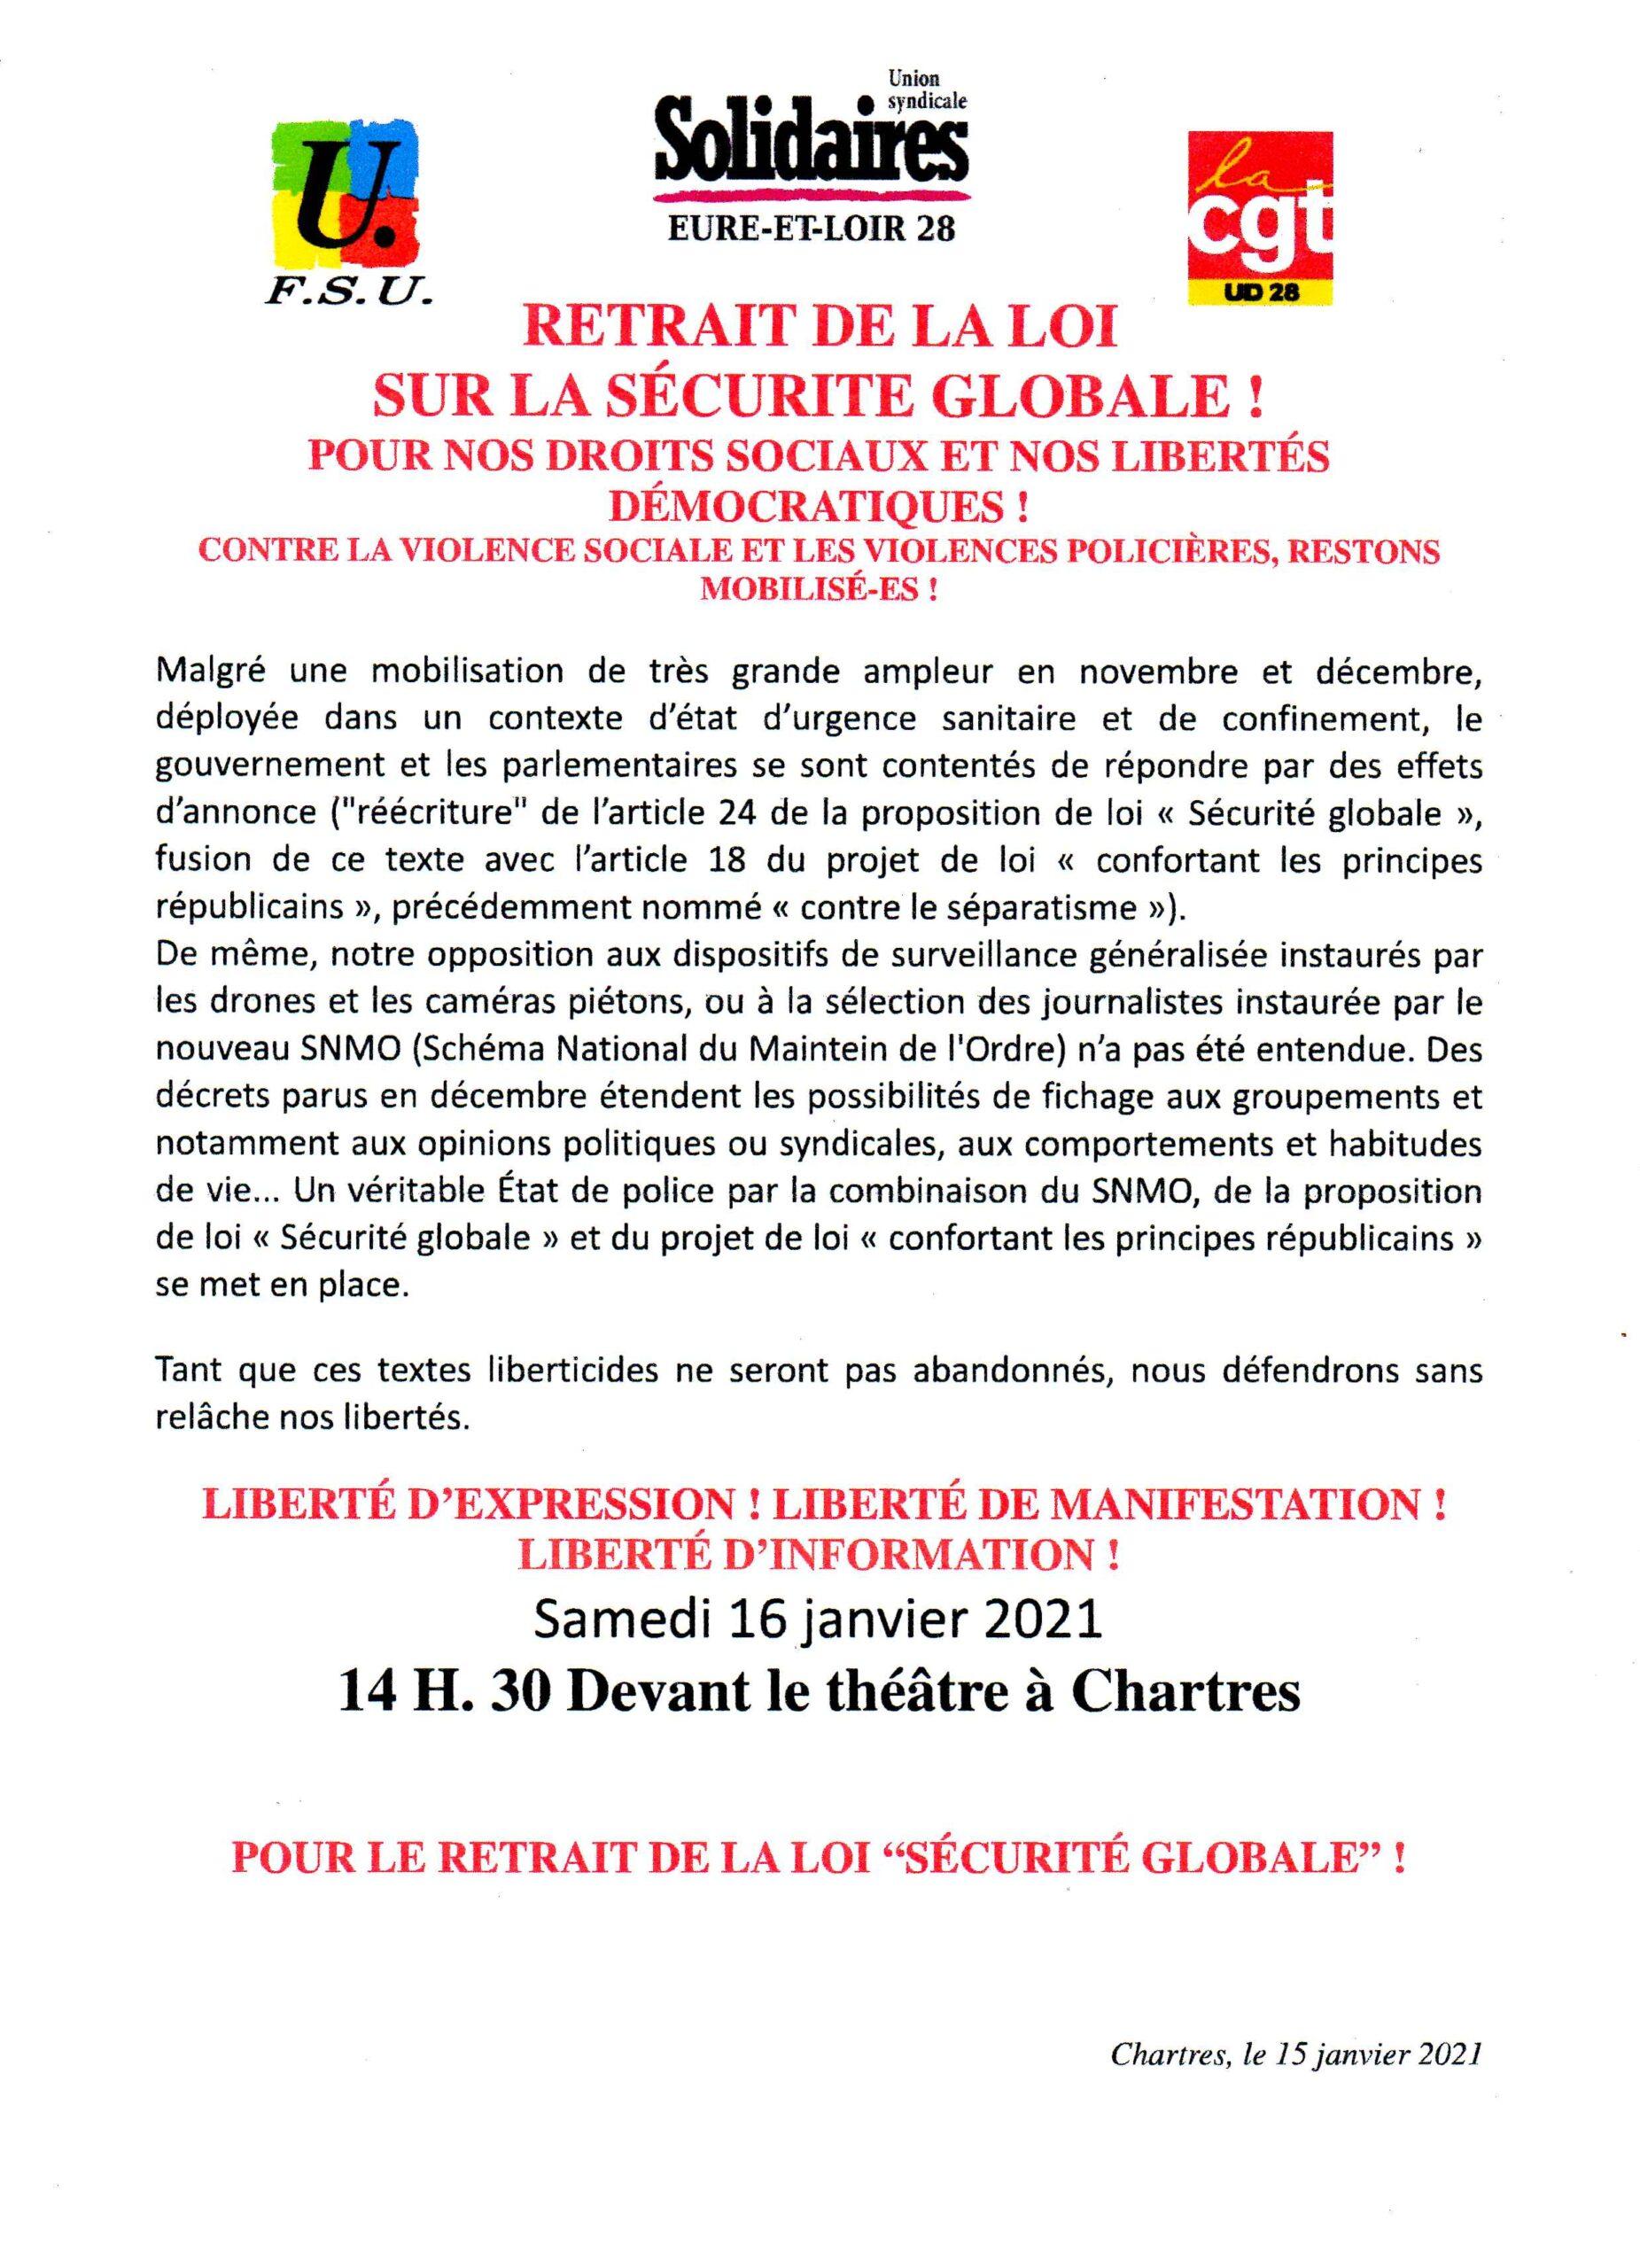 E&L Appel FSU Solidaires CGT Loi-sécurité-globale 16-01-2021 [Mis à jour]